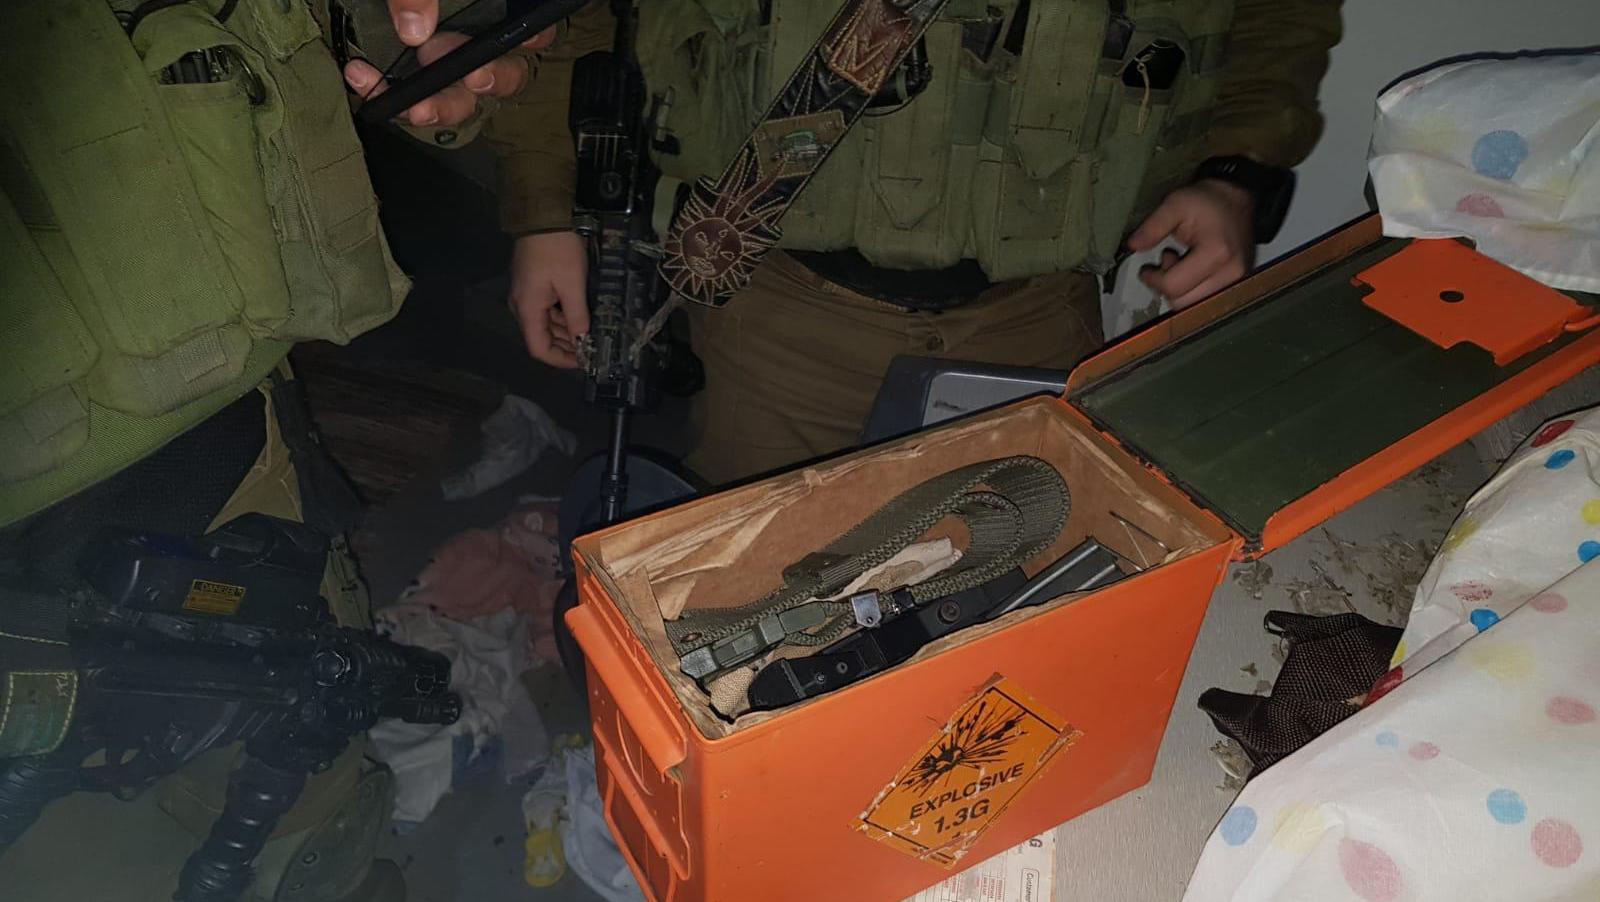 לוחמי גבעתי עצרו חמישה מבוקשים בכפר עקב ותפסו נשק